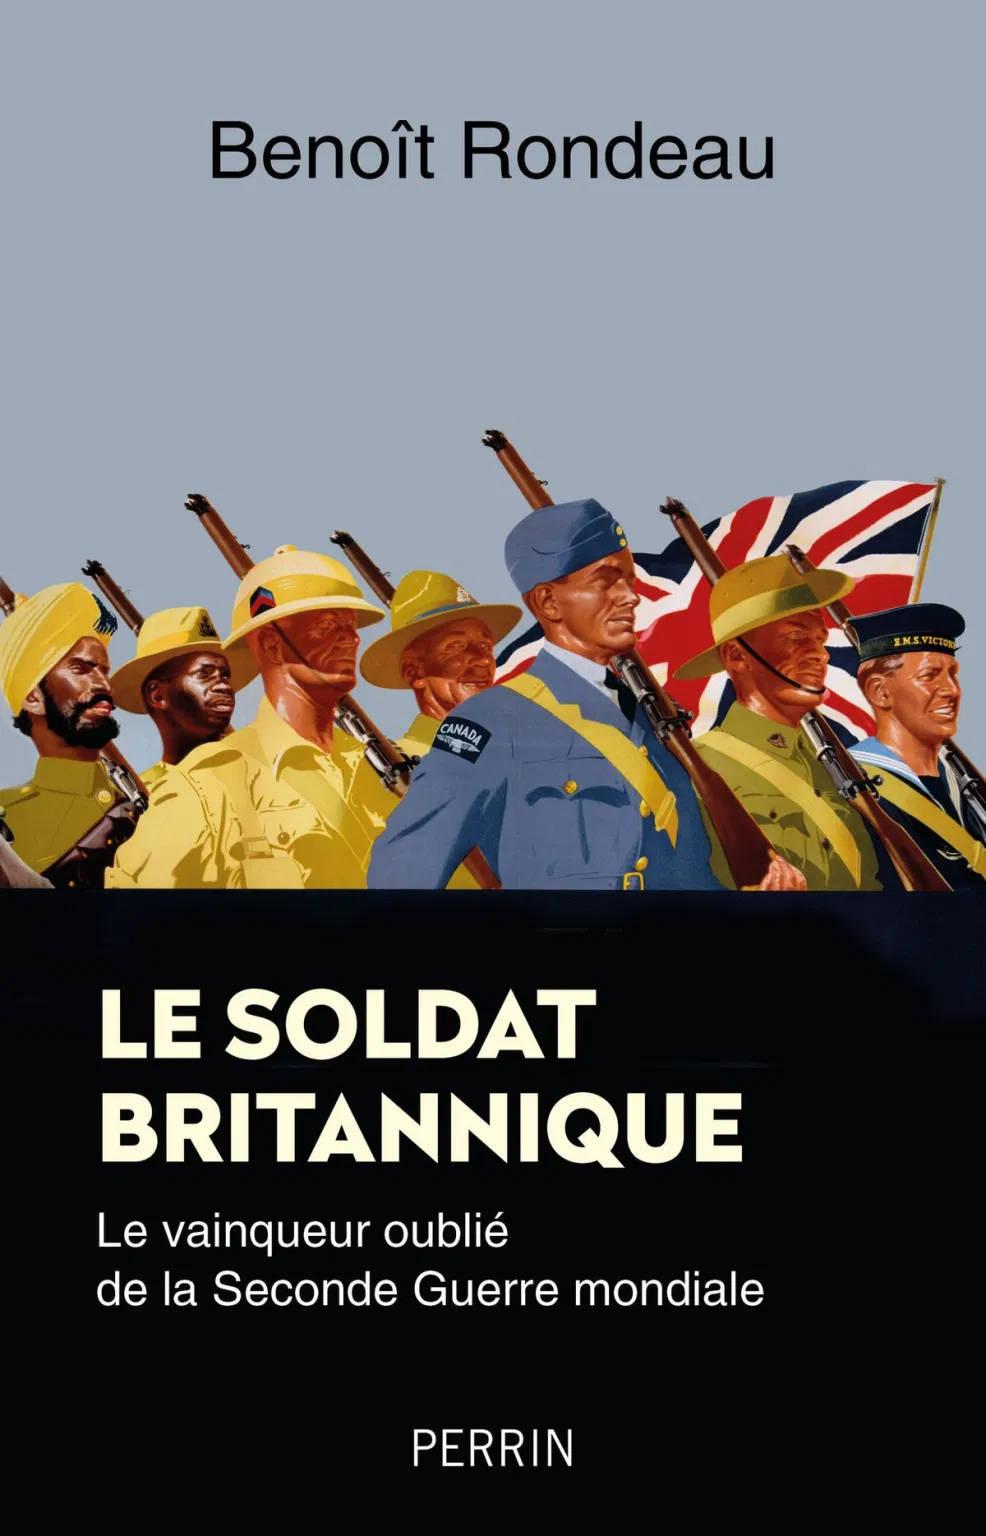 Le soldat britannique. Le vainqueur oublié de la Seconde Guerre mondiale.